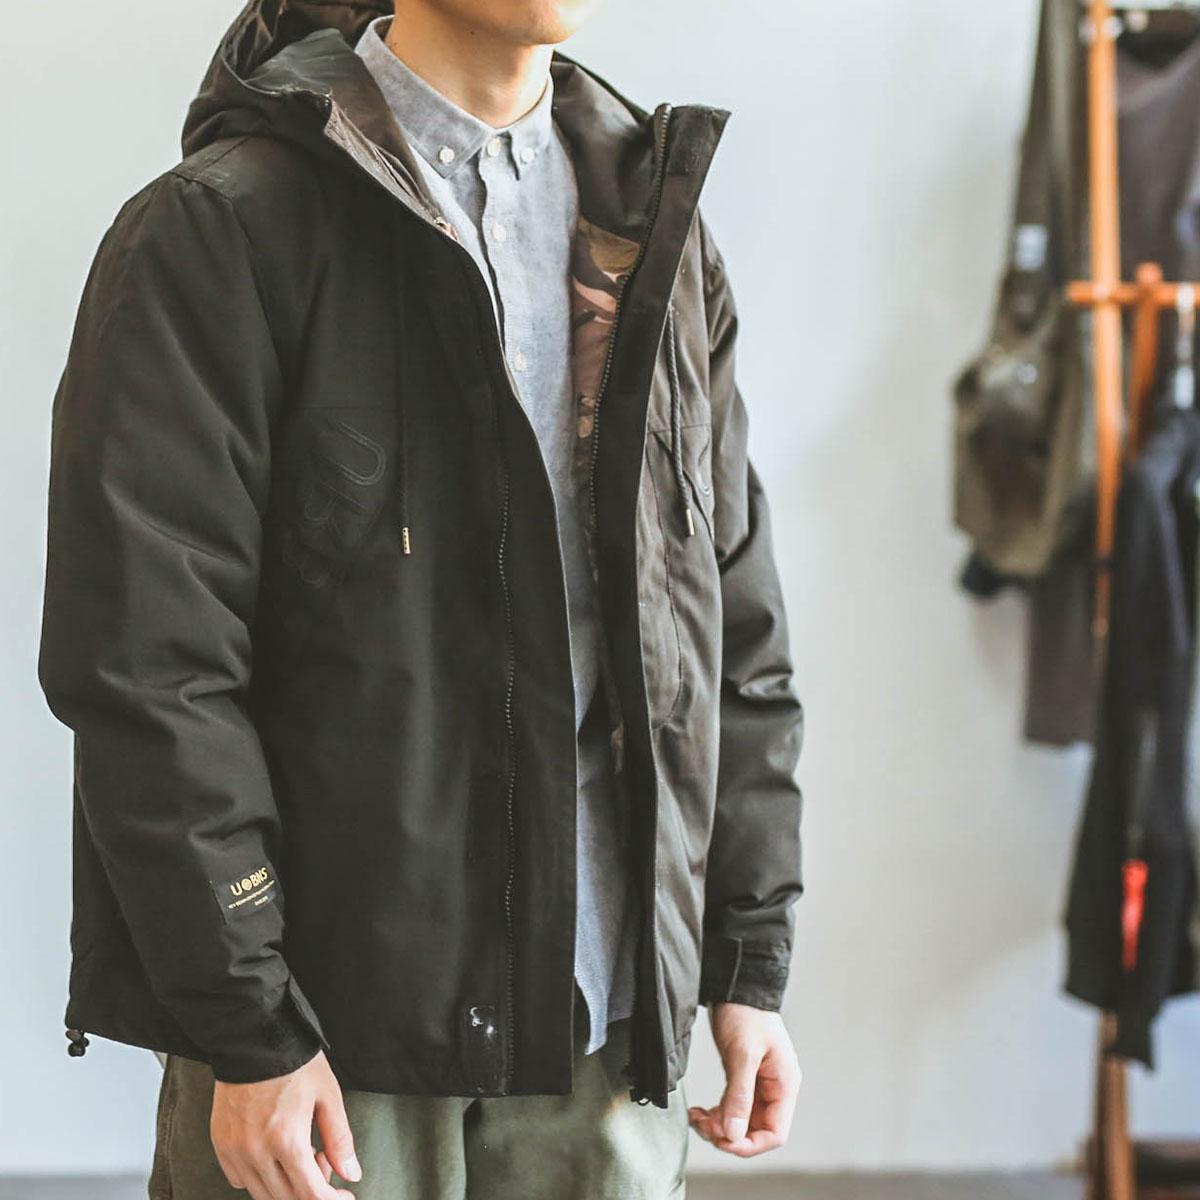 嘿马日系复古冬季加厚飞行员夹克工装外套棉袄棉服潮牌情侣棉衣男